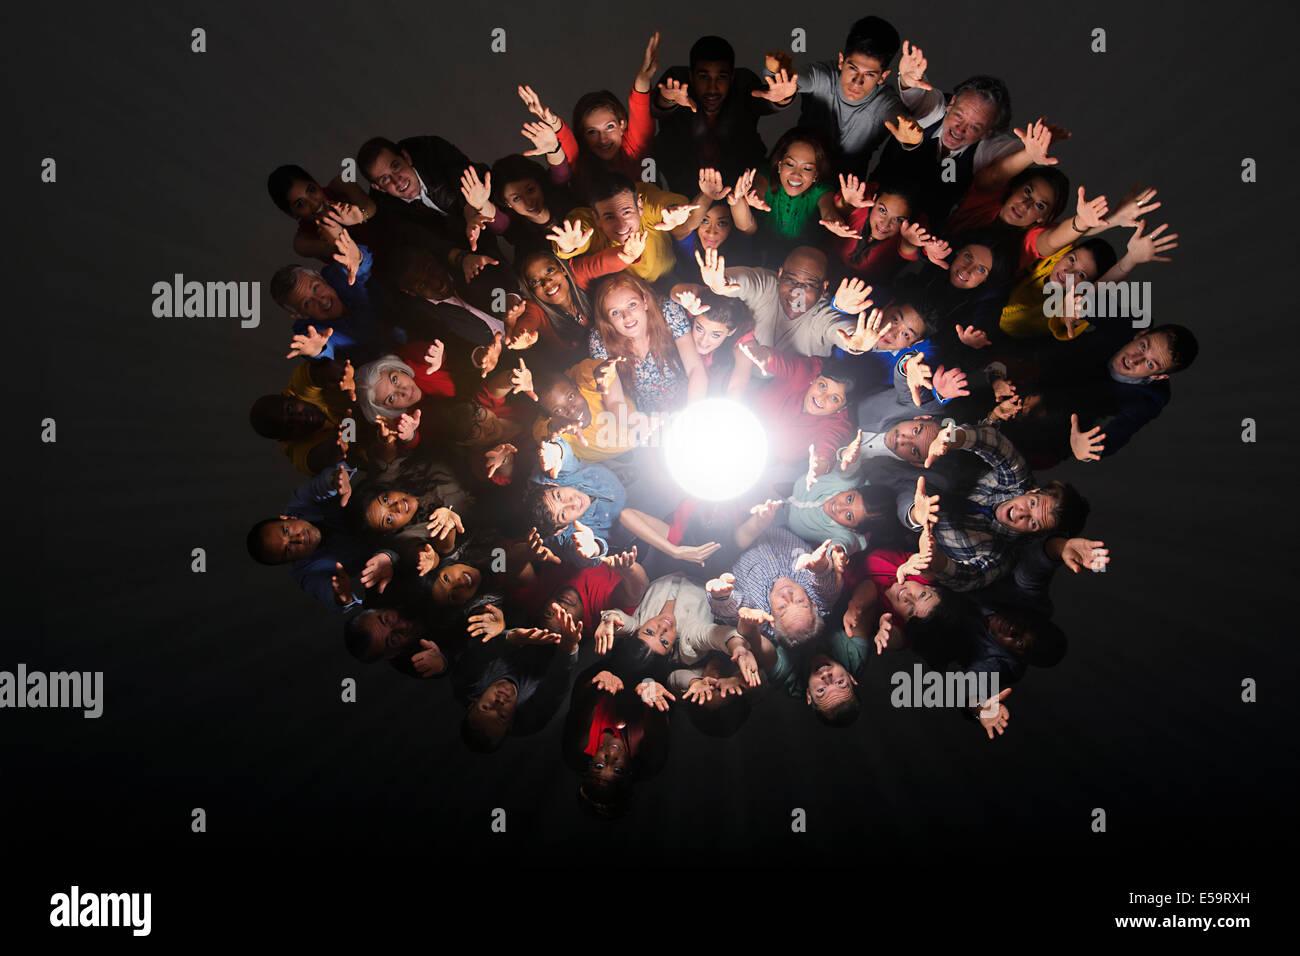 Gemischtes Publikum jubeln um helles Licht Stockfoto